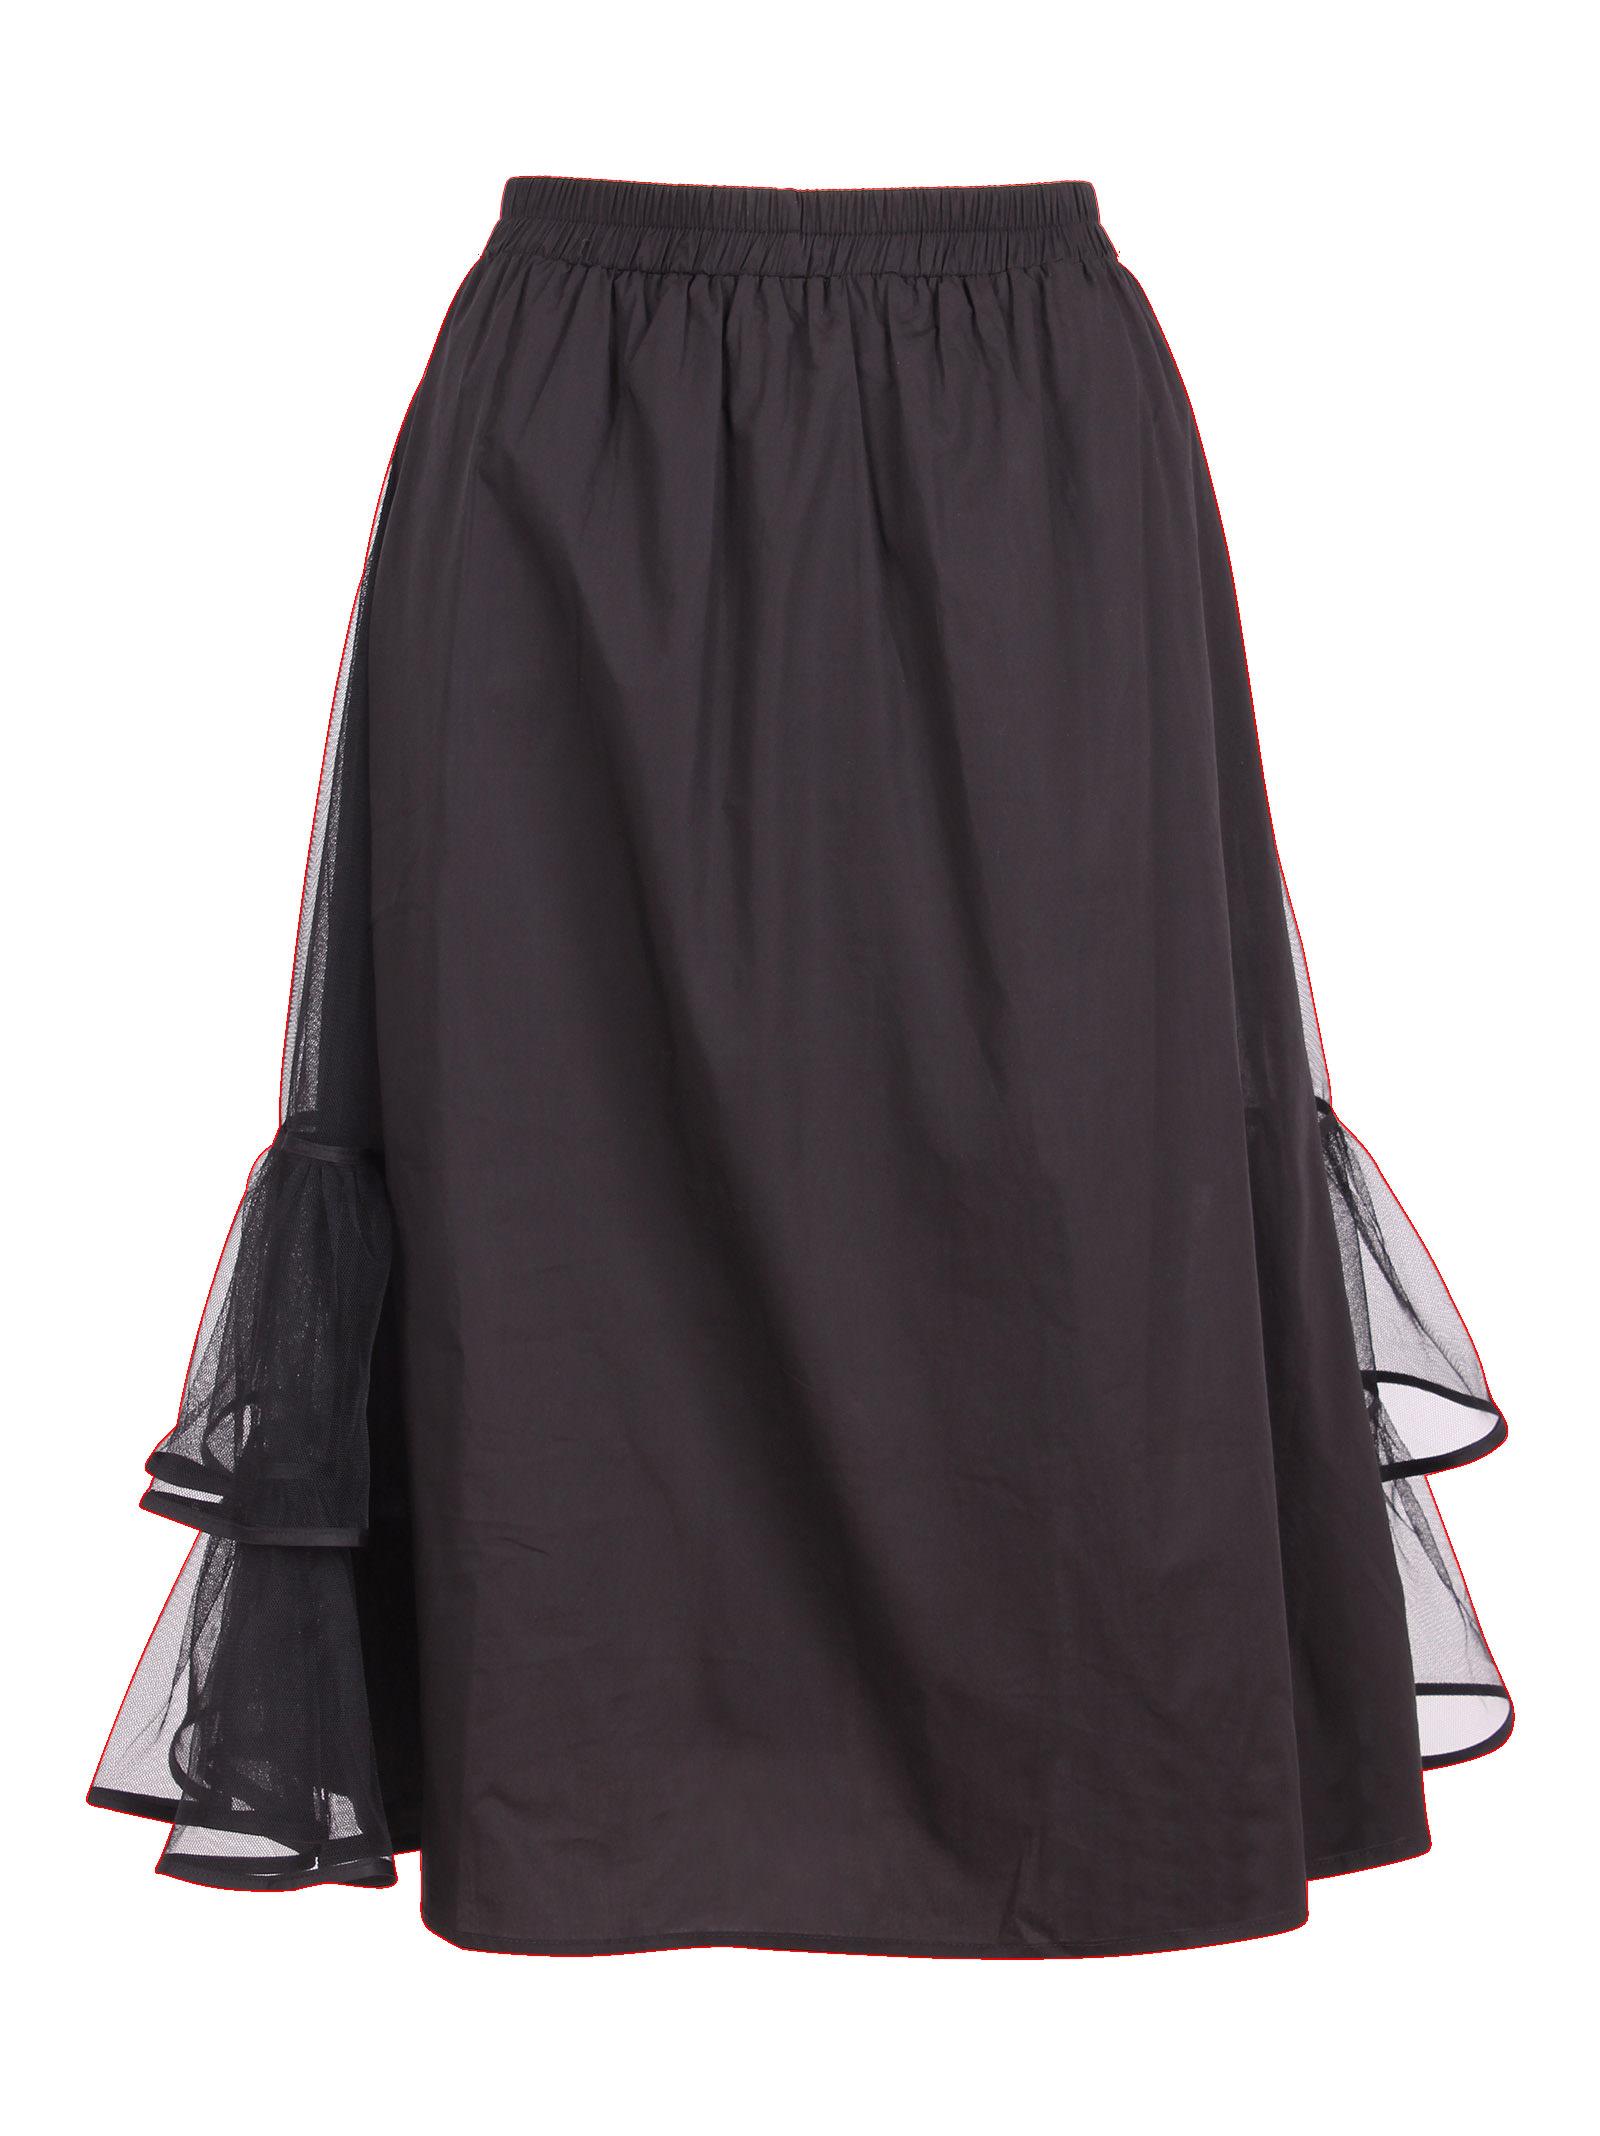 London luden Cotton Skirt